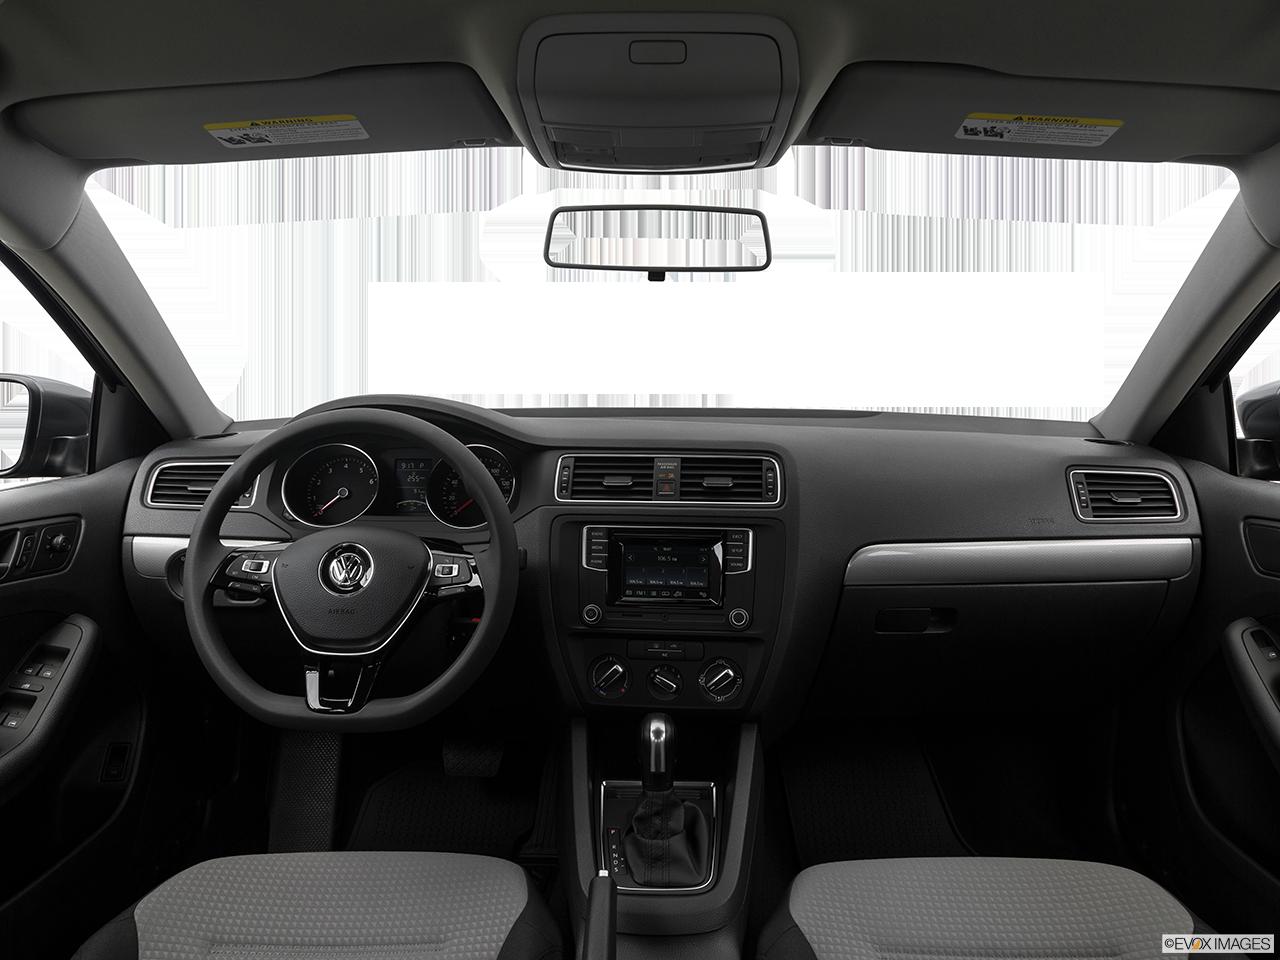 Interior View Of 2017 Volkswagen Jetta in San Diego